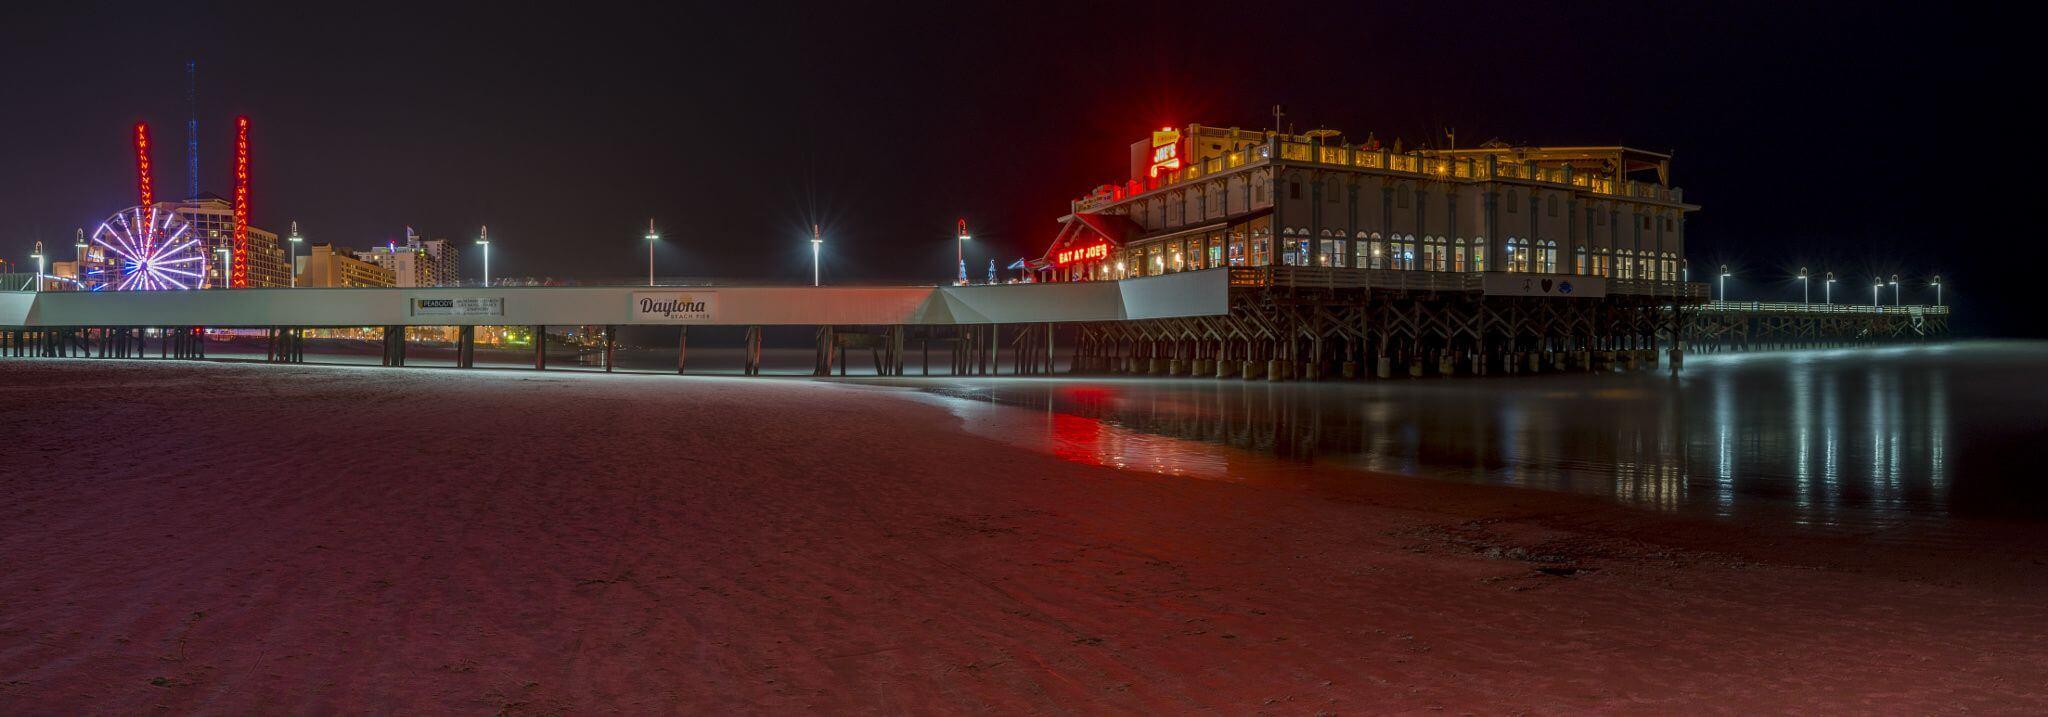 O que fazer à noite em Daytona Beach: píer